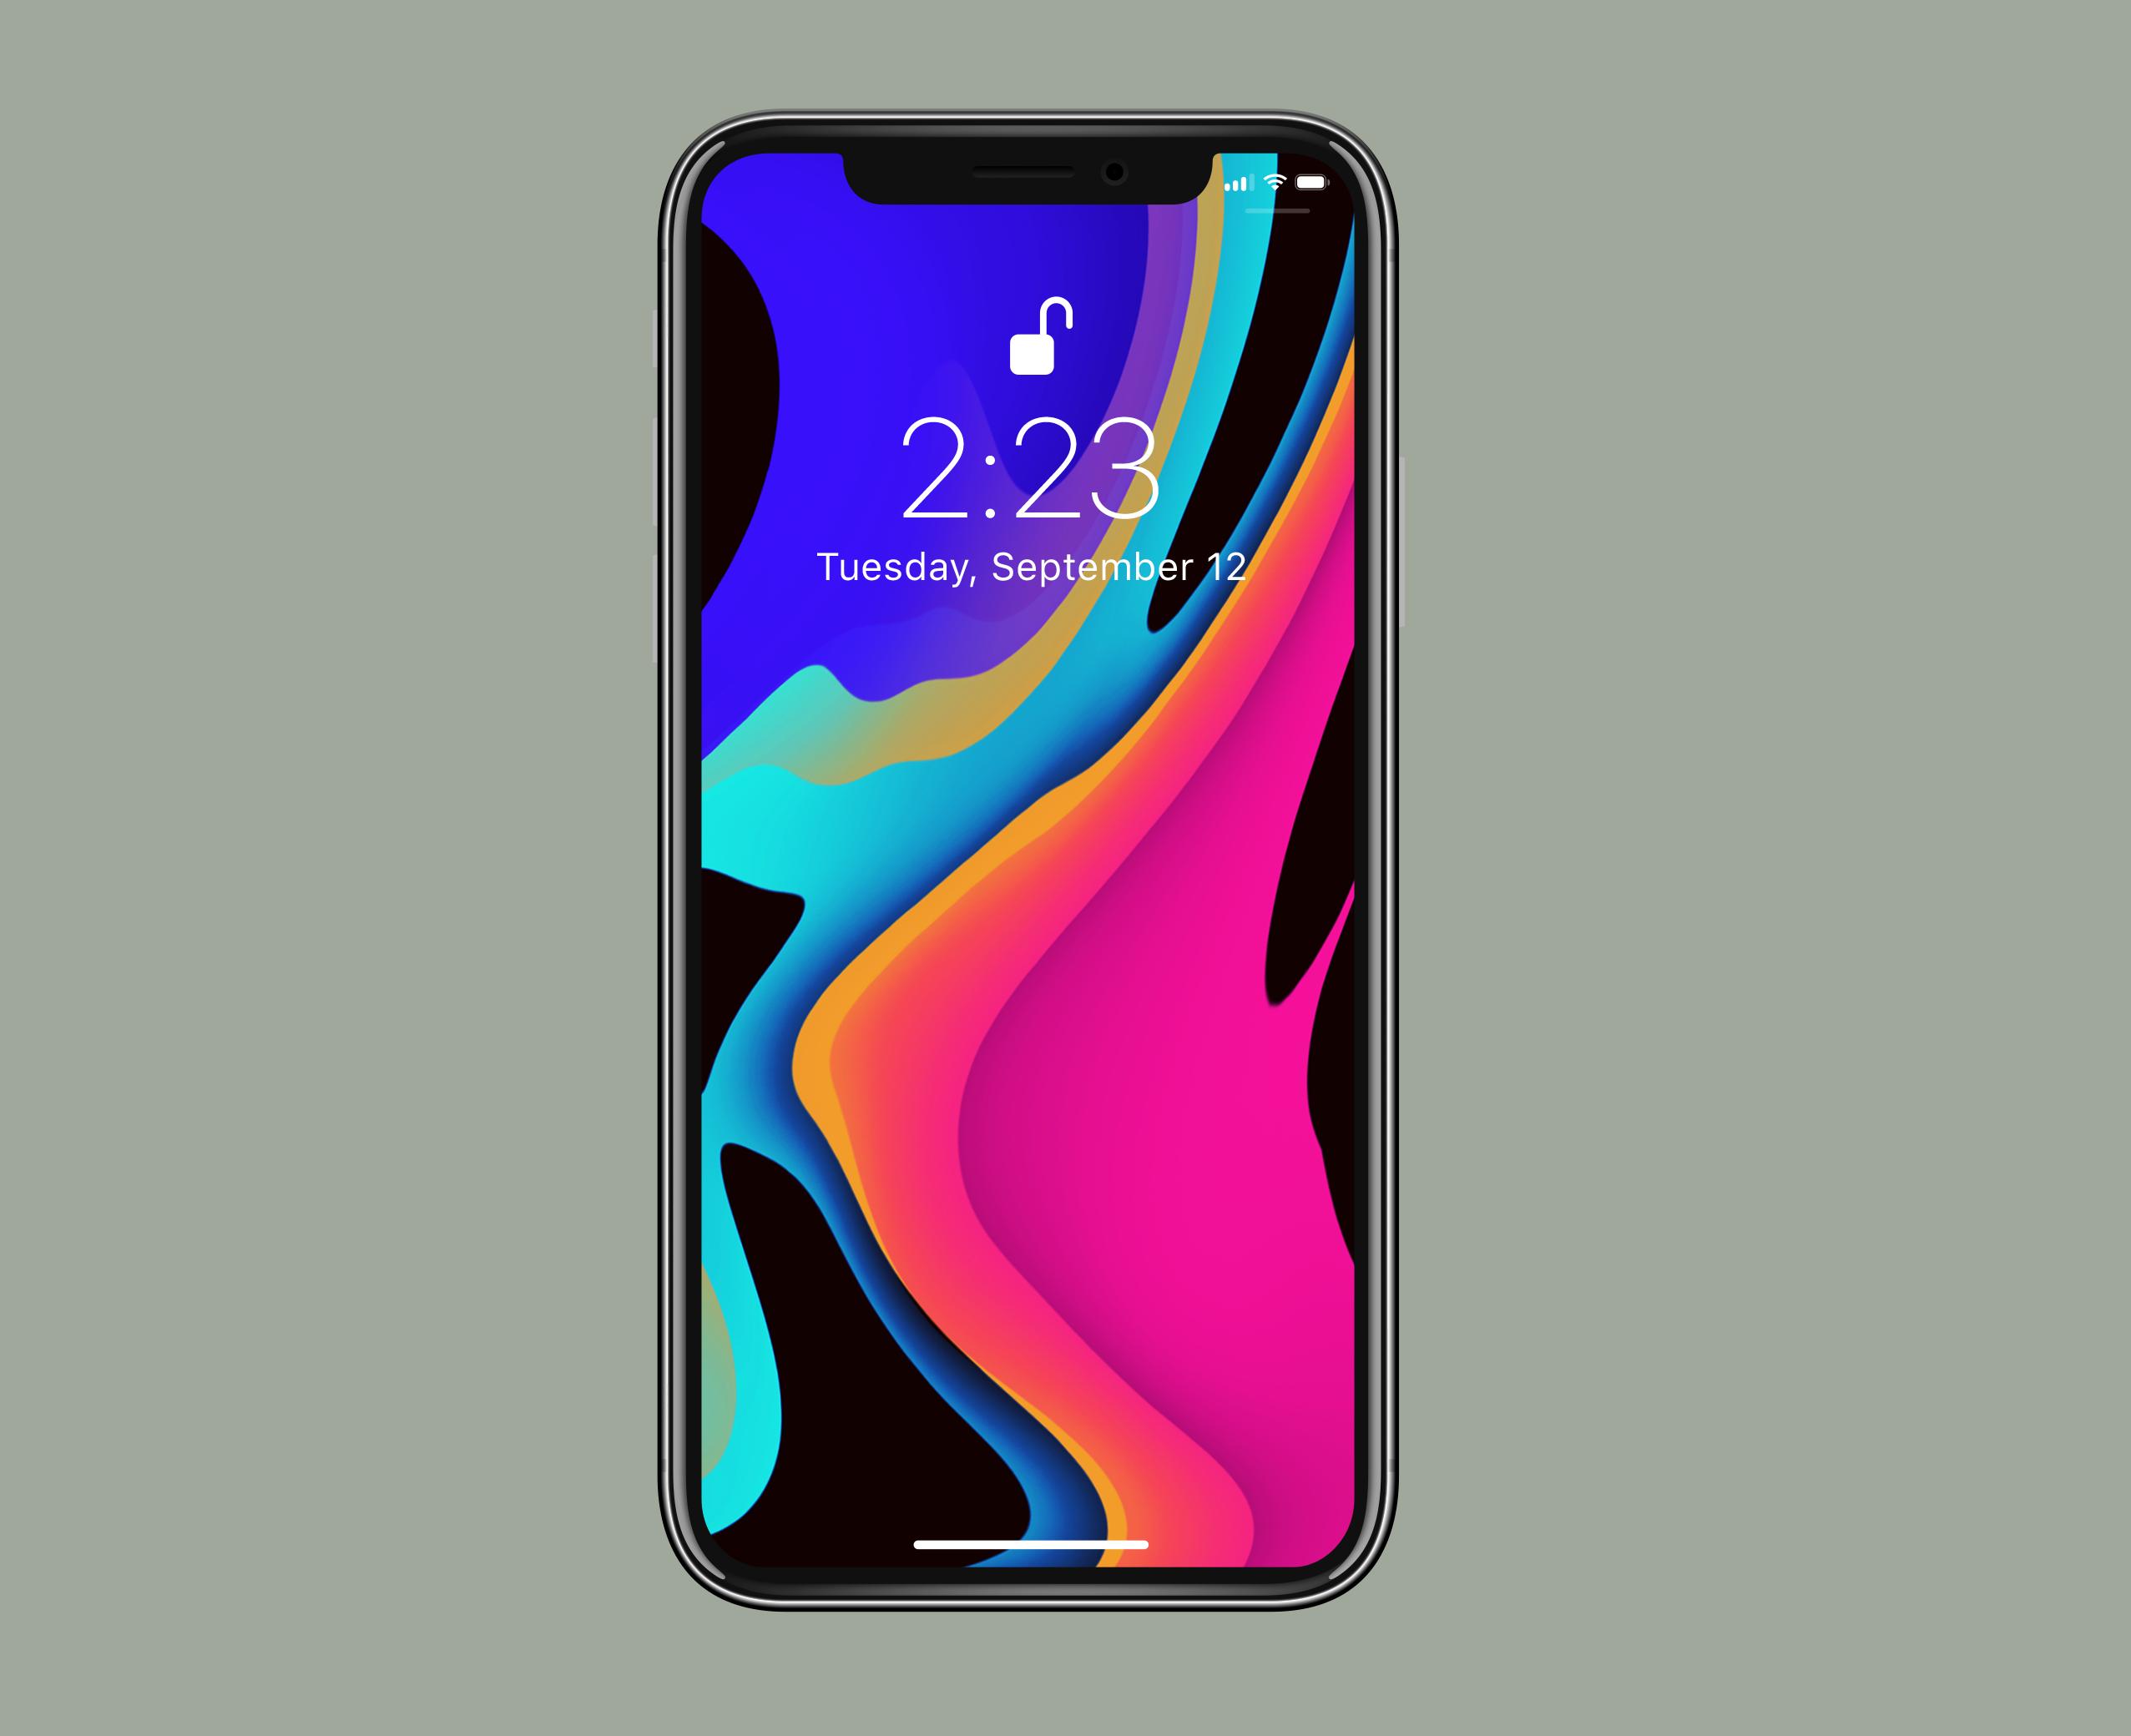 Wallpaper Iphone Xs 4k Os 20235: IPhone XS/Max Wallpaper By Janosch500 On DeviantArt